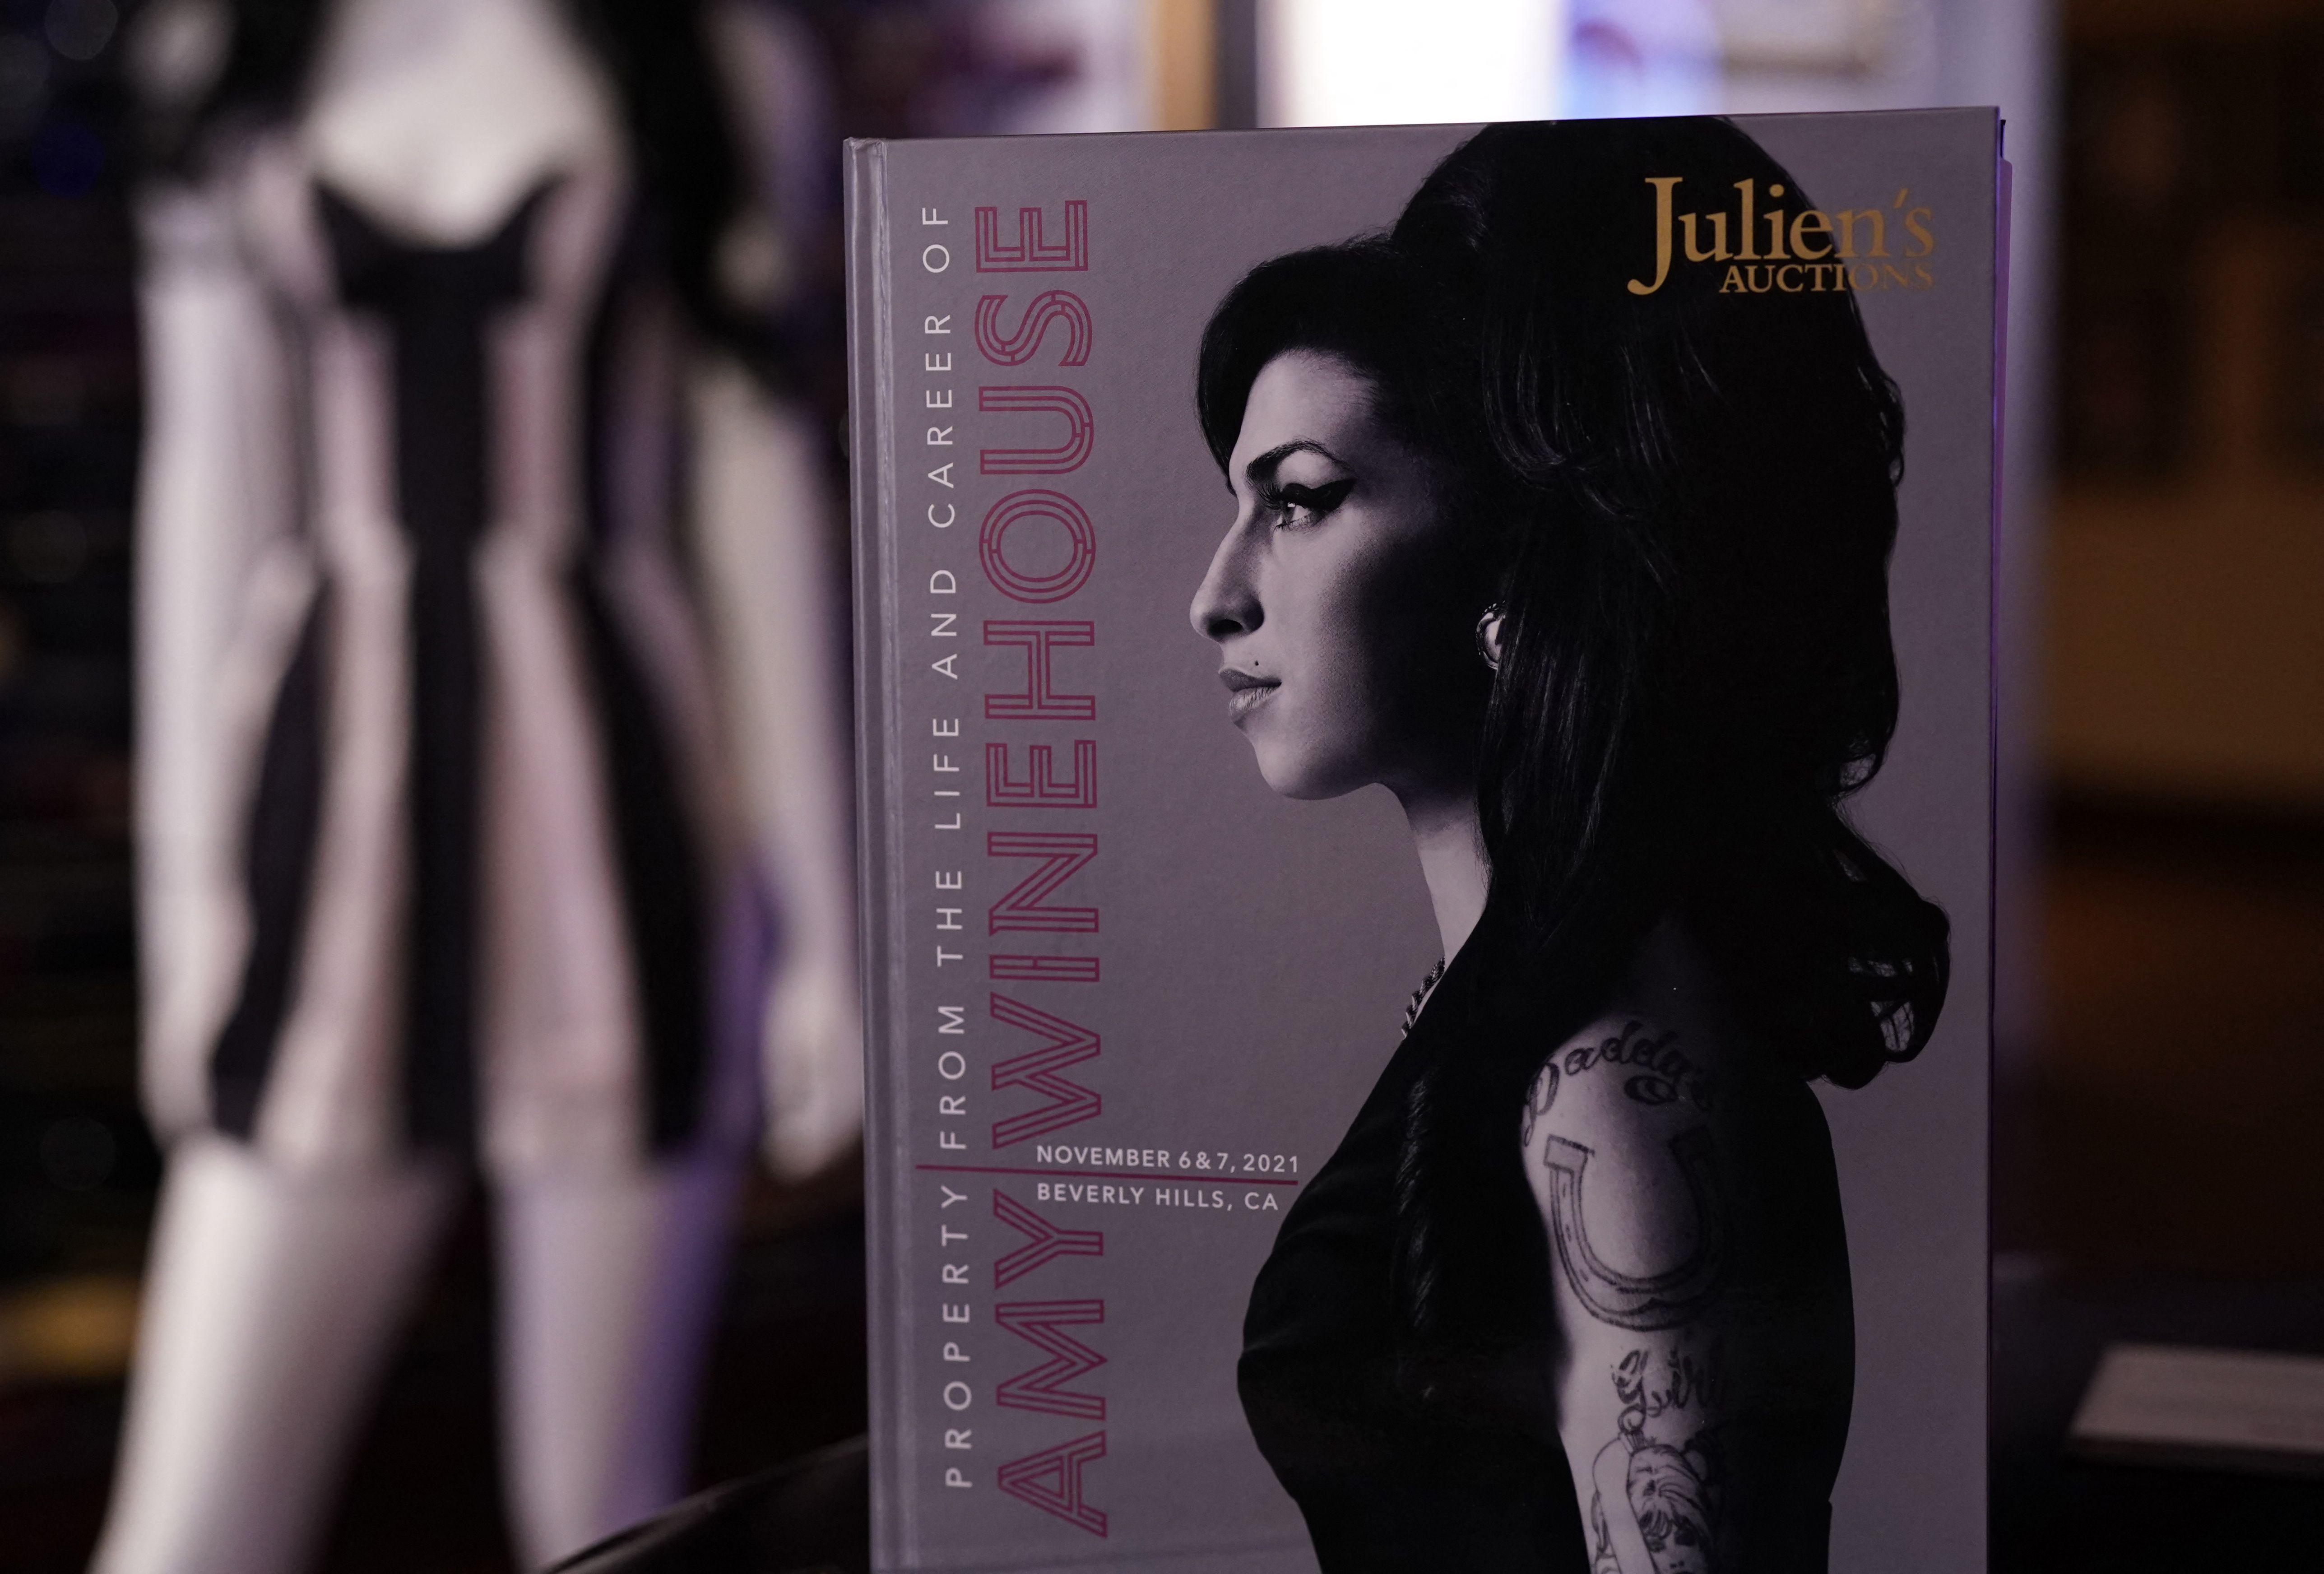 Un catálogo de subasta se muestra a la prensa de Nueva York en la exhibición pública de la Propiedad de la vida y carrera de Amy Winehouse de Juliens Auctions en Nueva York, el 11 de octubre de 2021.